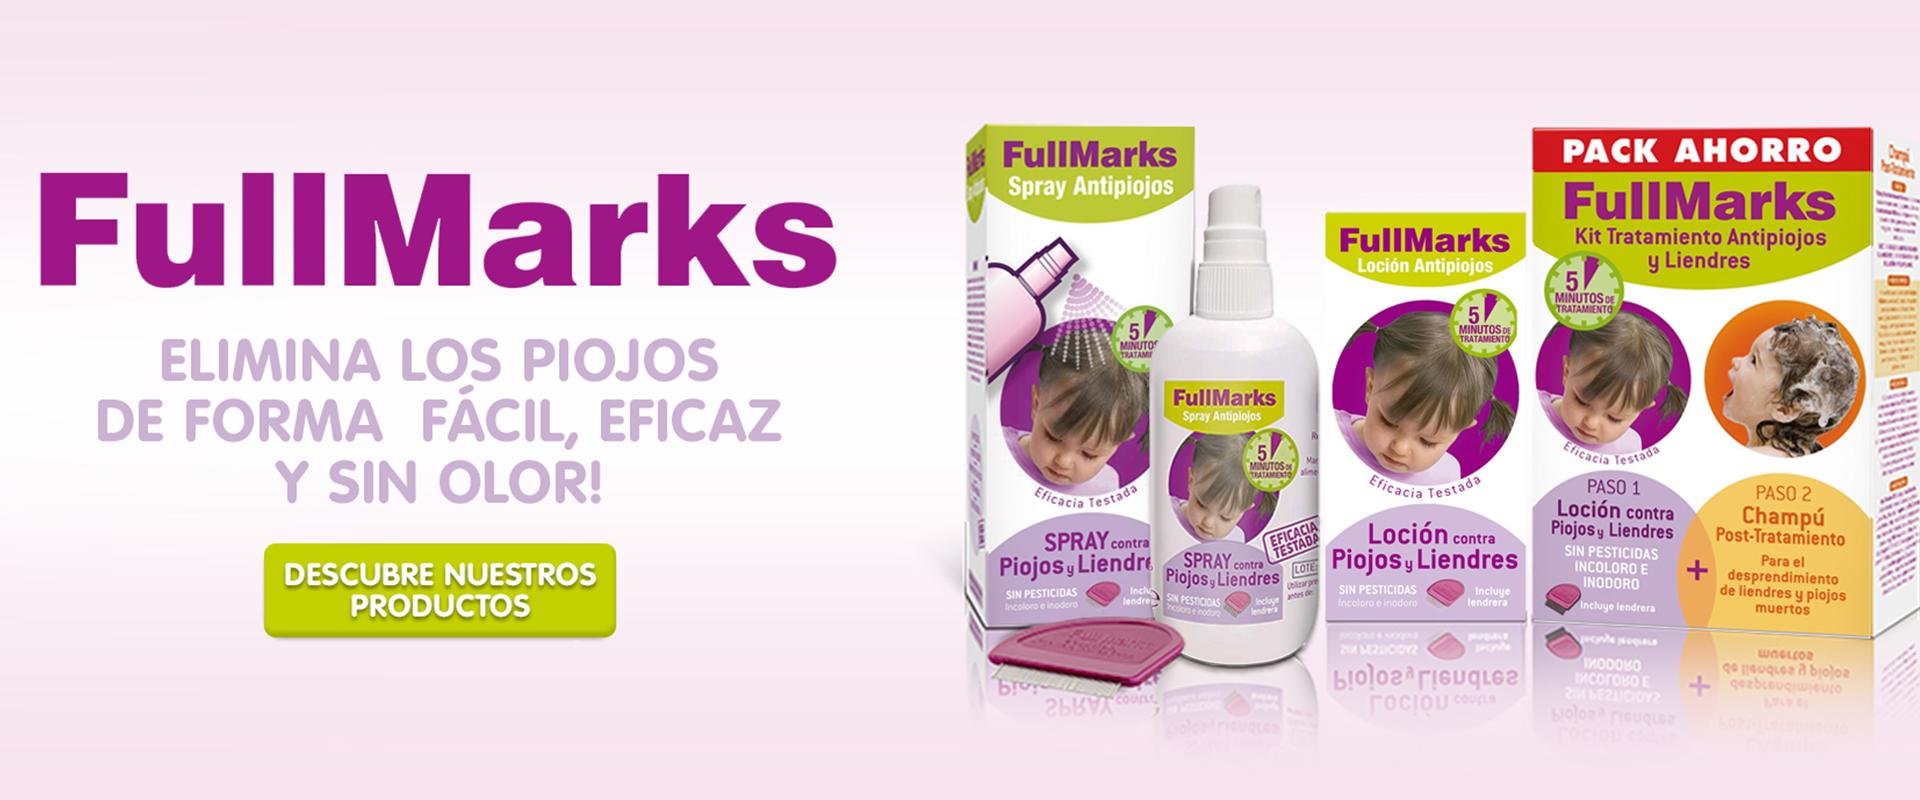 Los tratamientos de piojos FullMarks son una solución pediculicida que no contiene pesticidas.